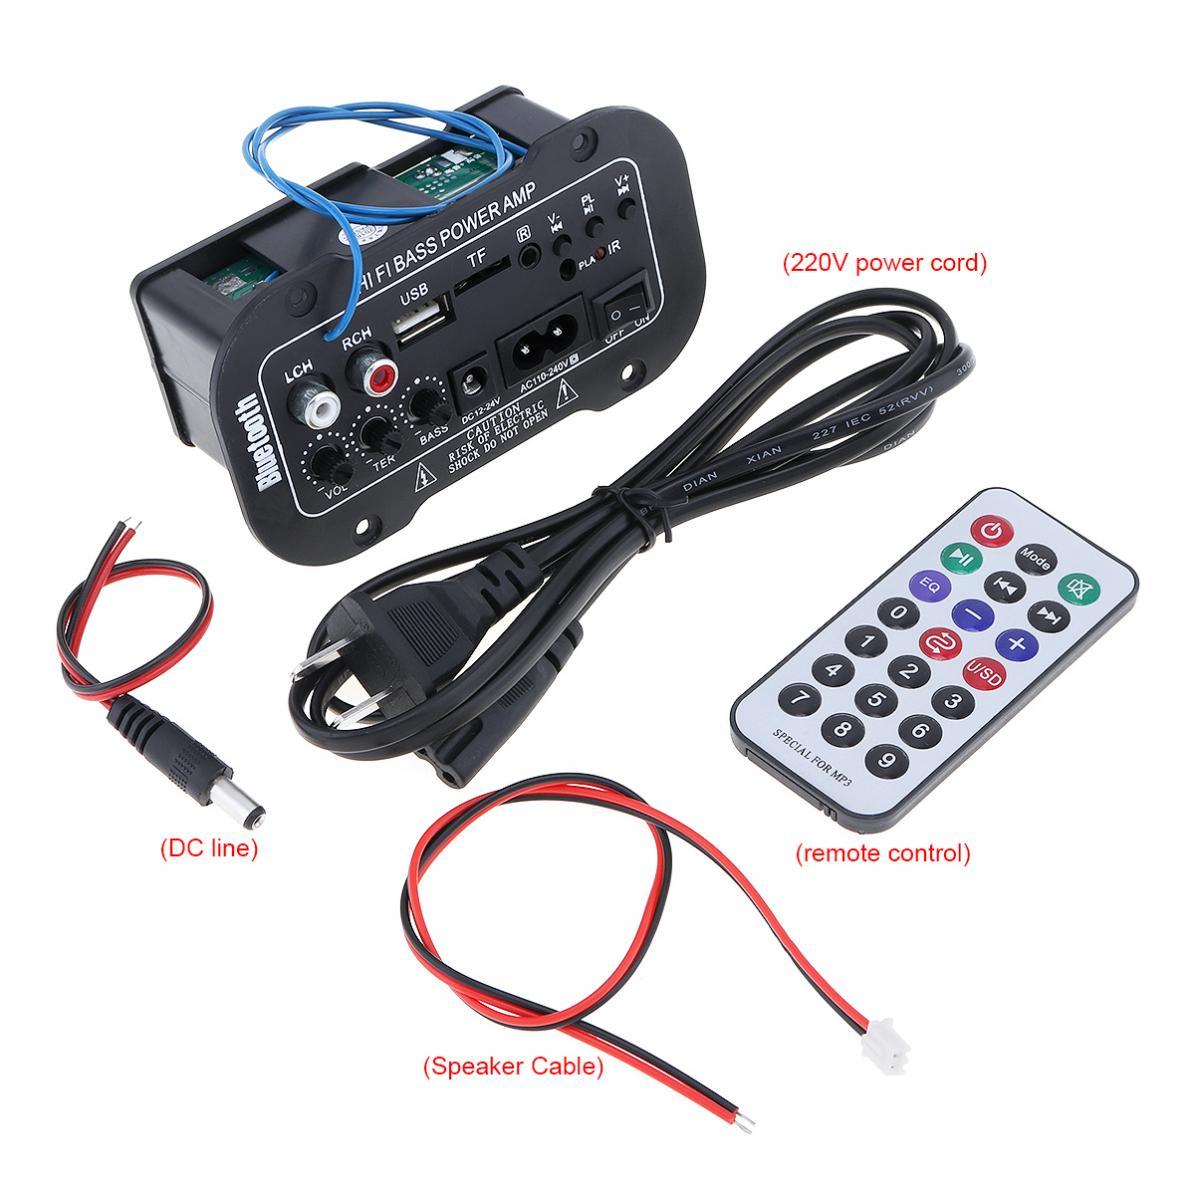 аудио автомобиля; ролик экран ; Bluetooth автомобильный комплект; аудио автомобиля;